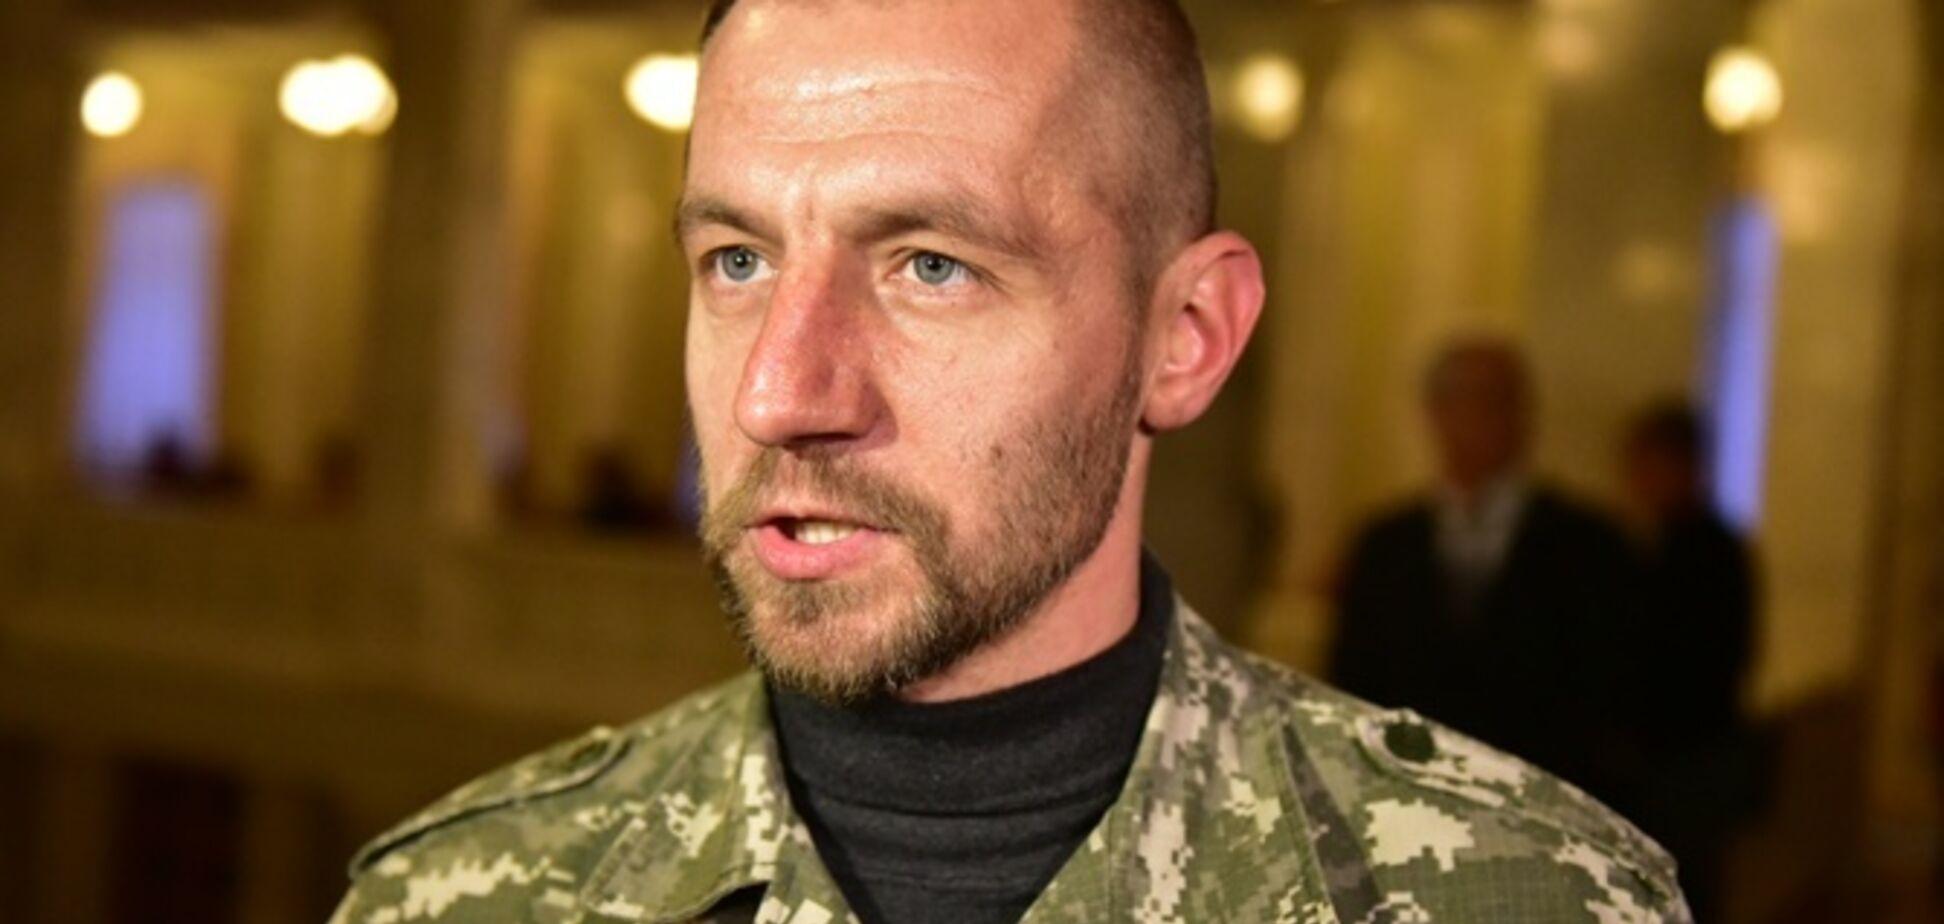 'Козак' Гаврилюк проговорился о левых голосованиях в Раде: видеофакт